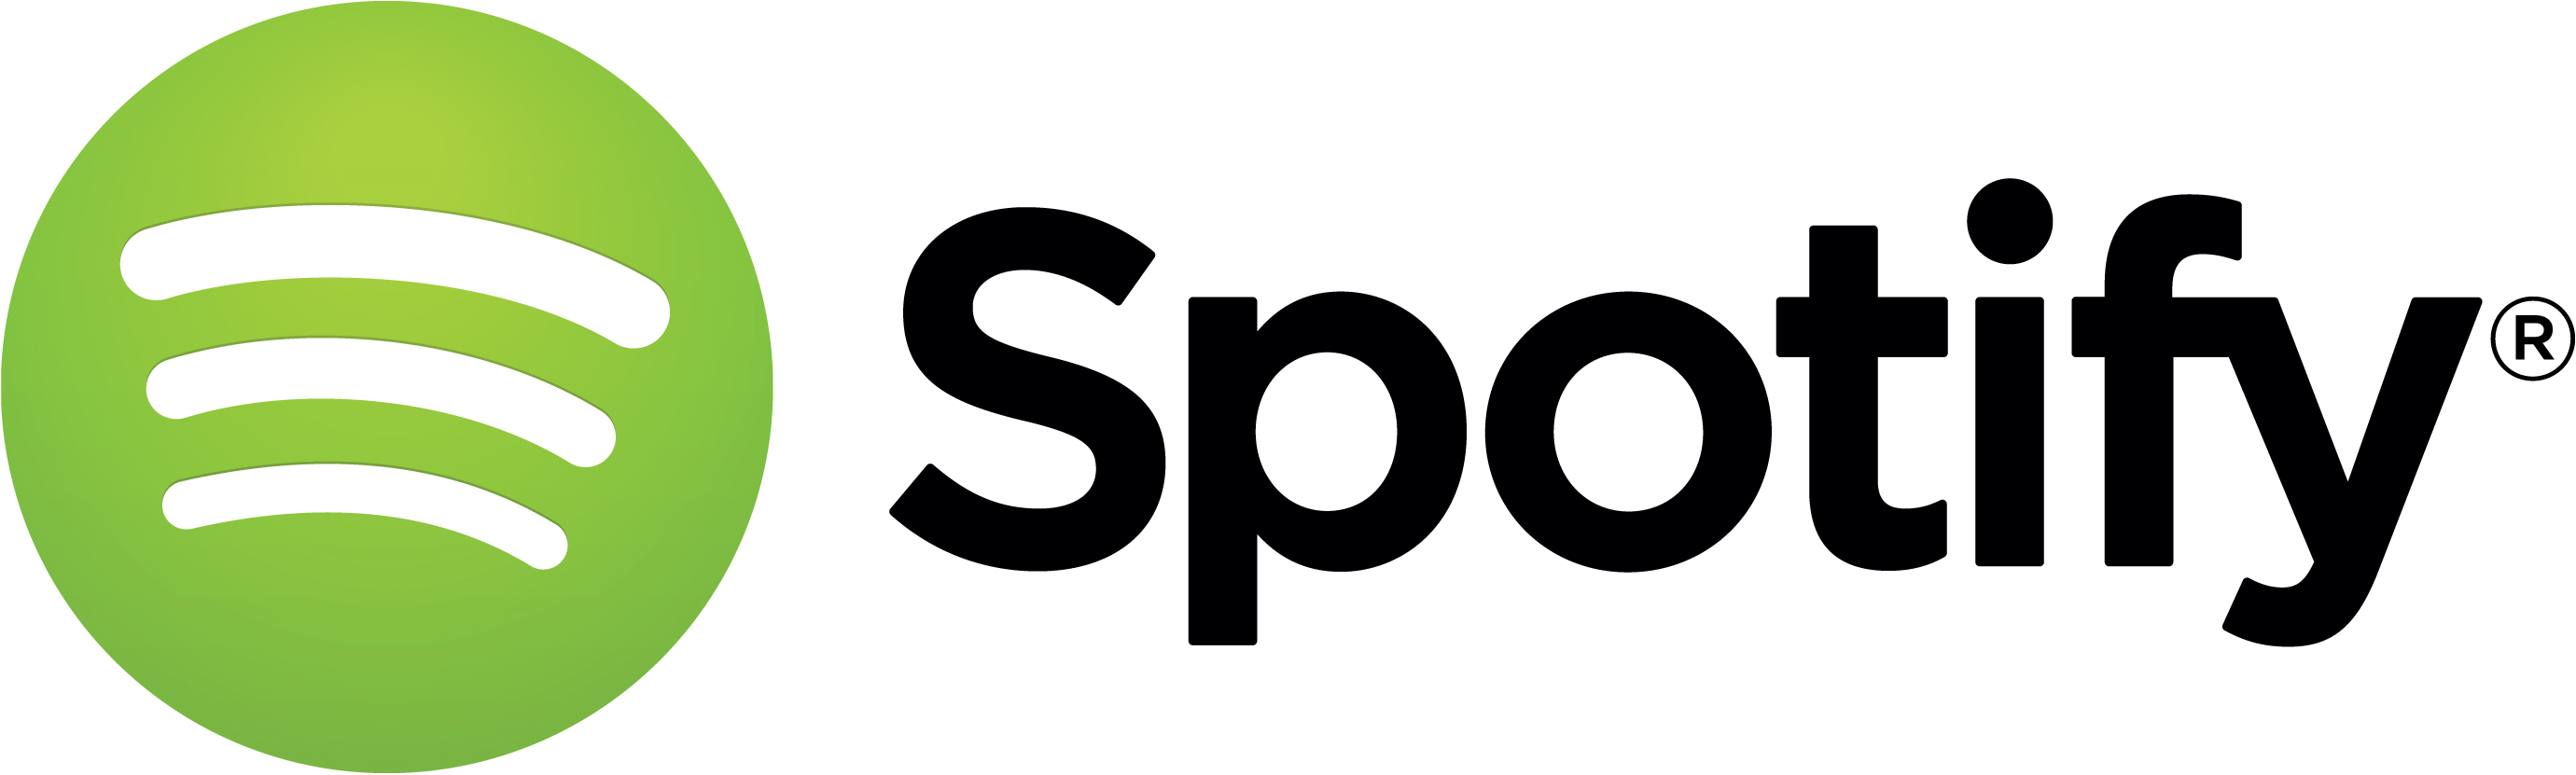 Spotify logo detail